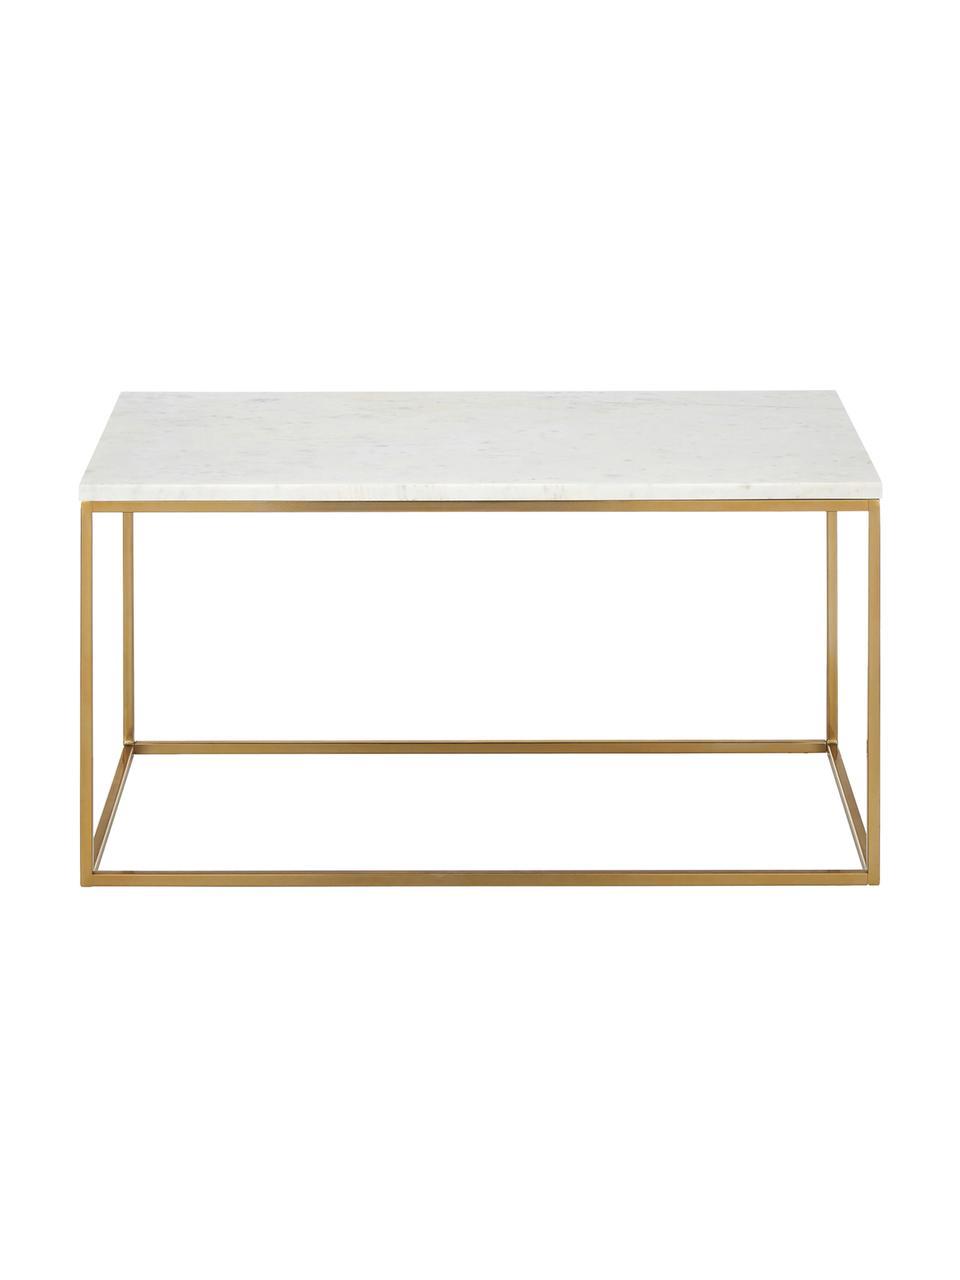 Mramorový konferenční stolek Alys, Deska stolu: bílošedý mramor Rám: lesklá zlatá